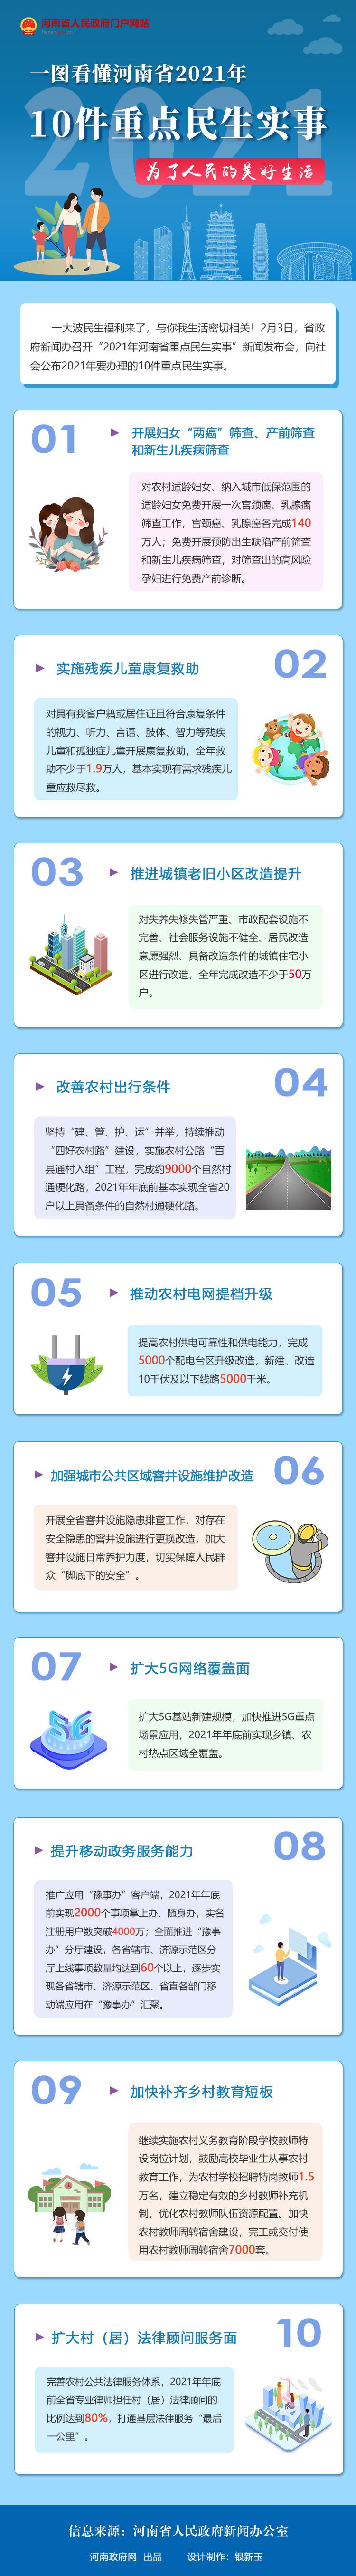 一图看懂 | 河南省2021年10件重点民生实事